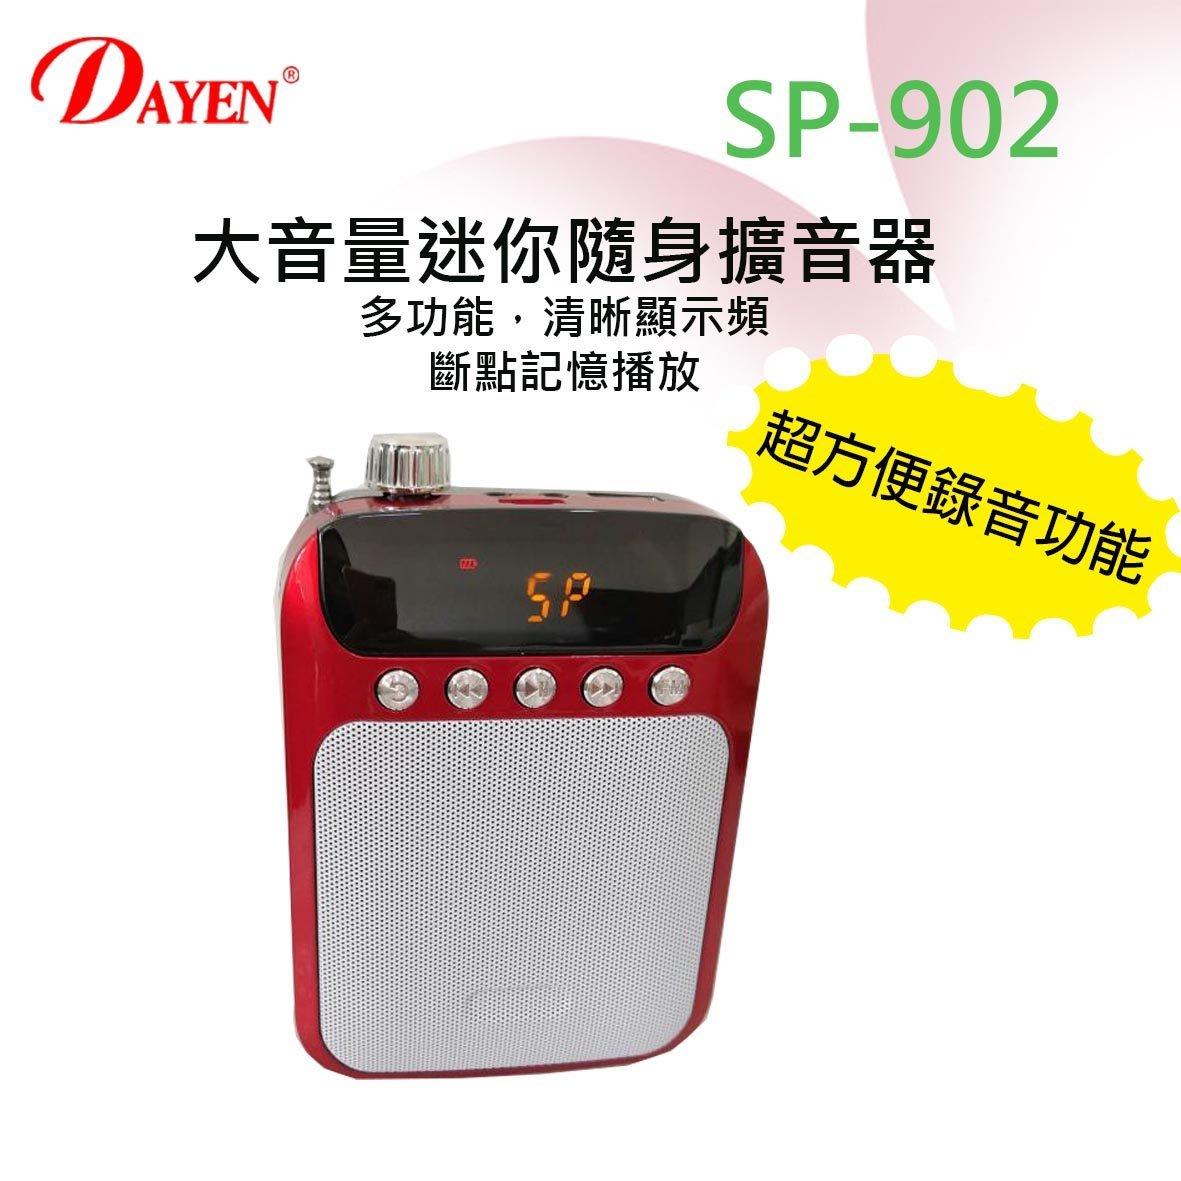 「小巫的店」*(SP-902)Dayen迷你錄音隨身擴音器,MP3音訊孔.老師戶外教學 專屬錄音功能